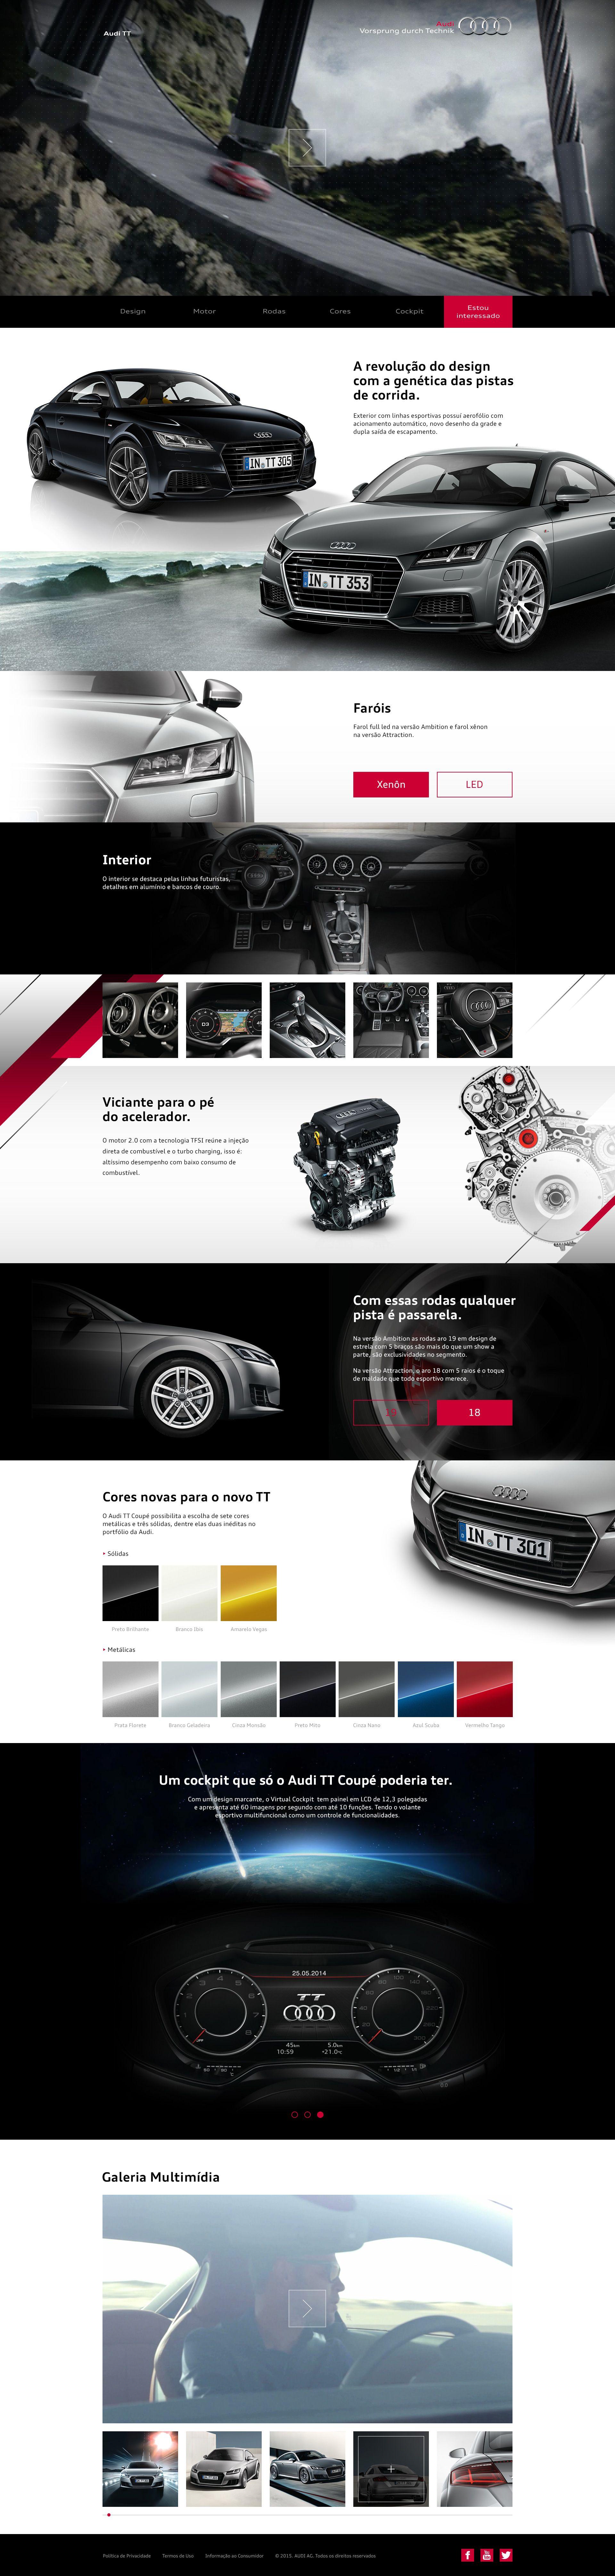 Hotsite de lançamento Audi TT Maio de 2015